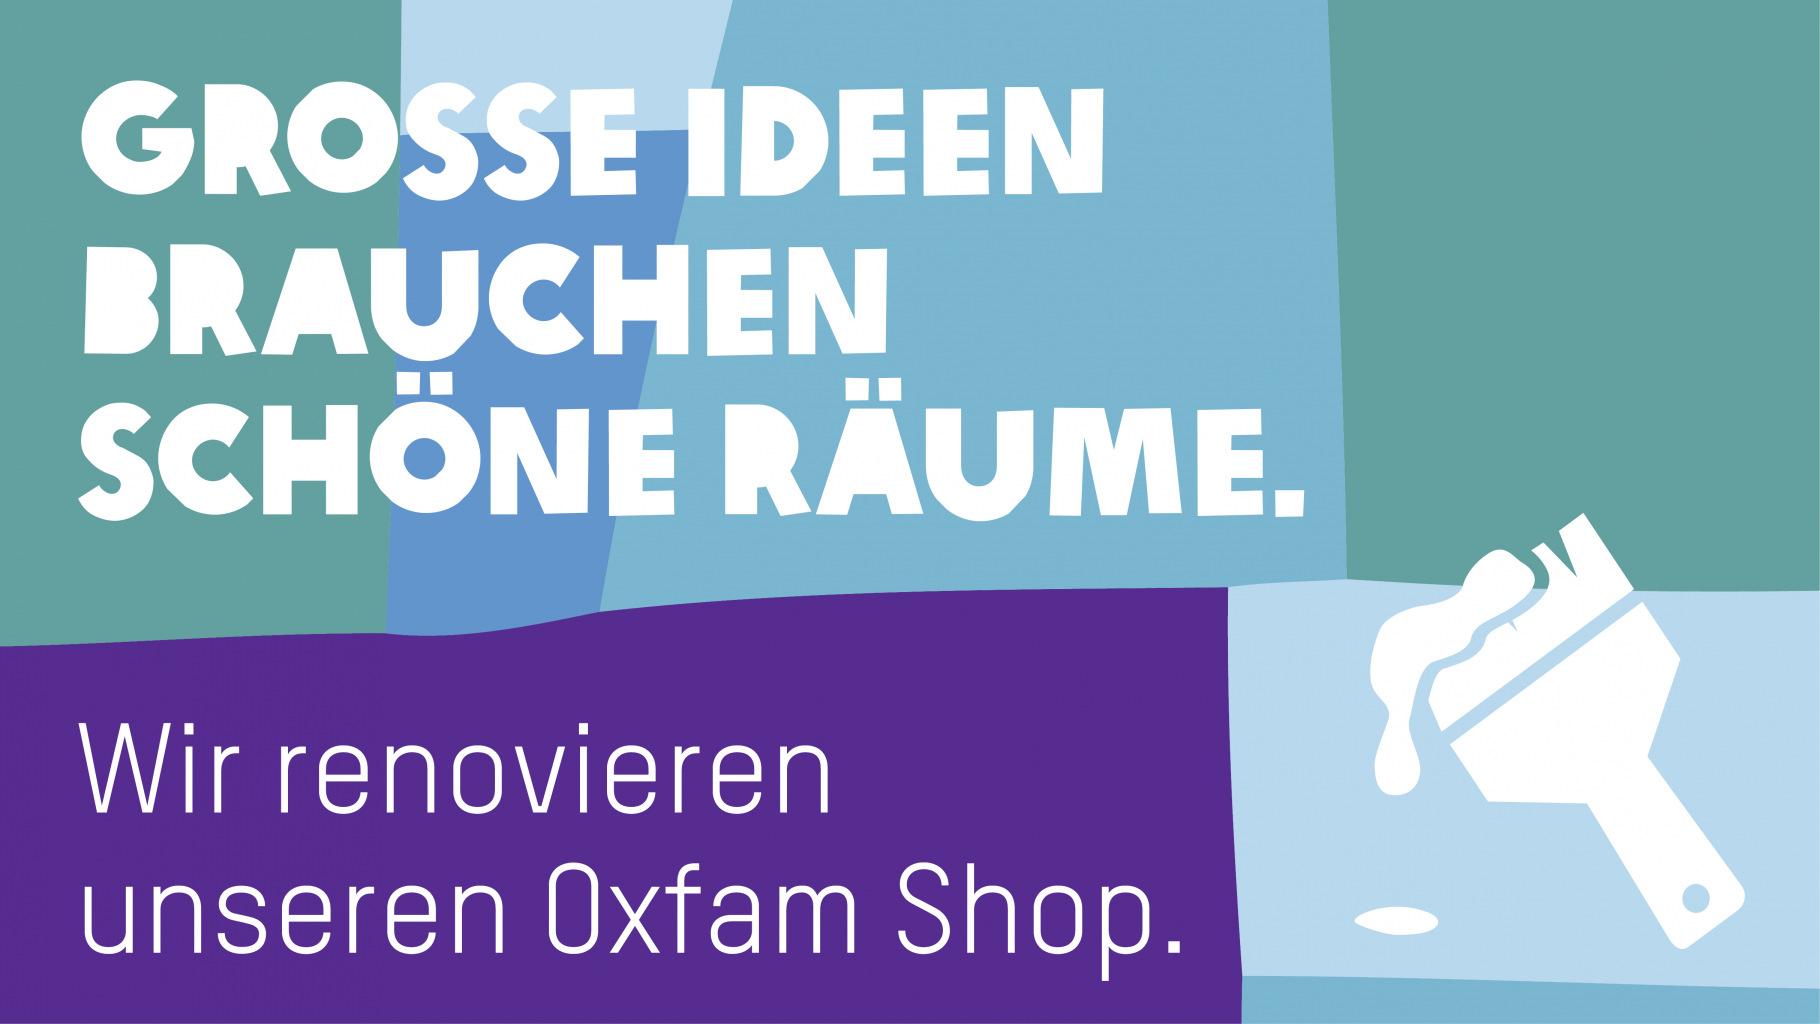 Große Ideen brauchen schöne Räume. Wir renovieren unseren Oxfam Shop.